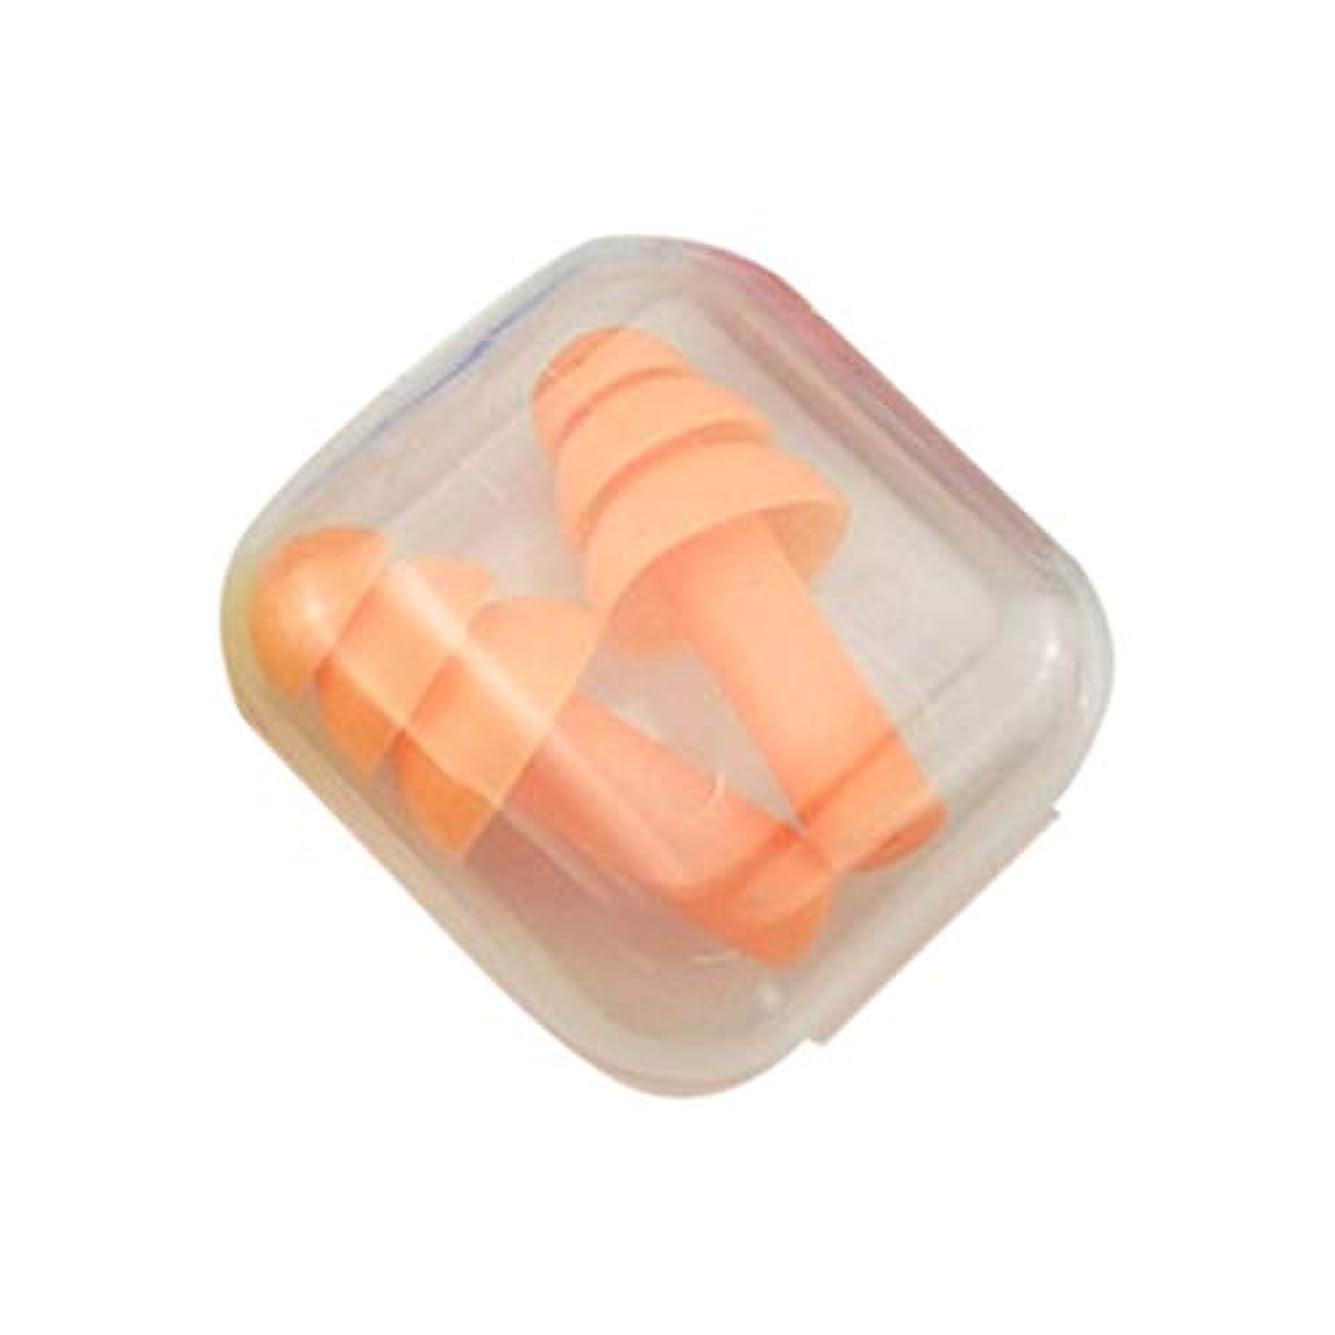 迅速ブラウンそうでなければ柔らかいシリコーンの耳栓遮音用耳の保護用の耳栓防音睡眠ボックス付き収納ボックス - オレンジ